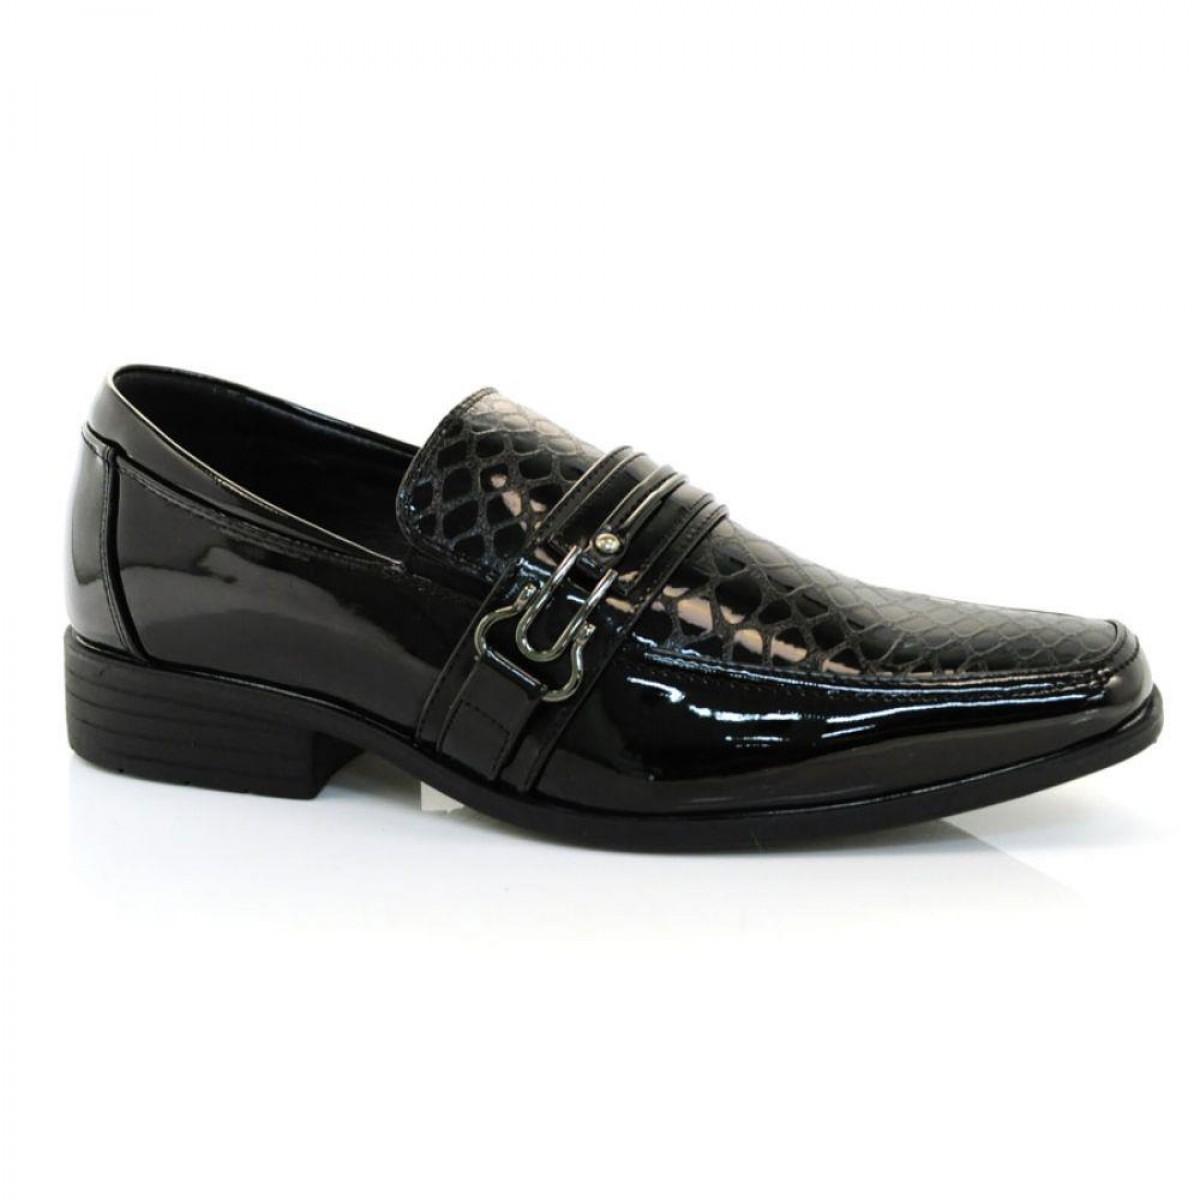 b74b508535 Sapato Broken Rules Masculino Preto - Compre Agora